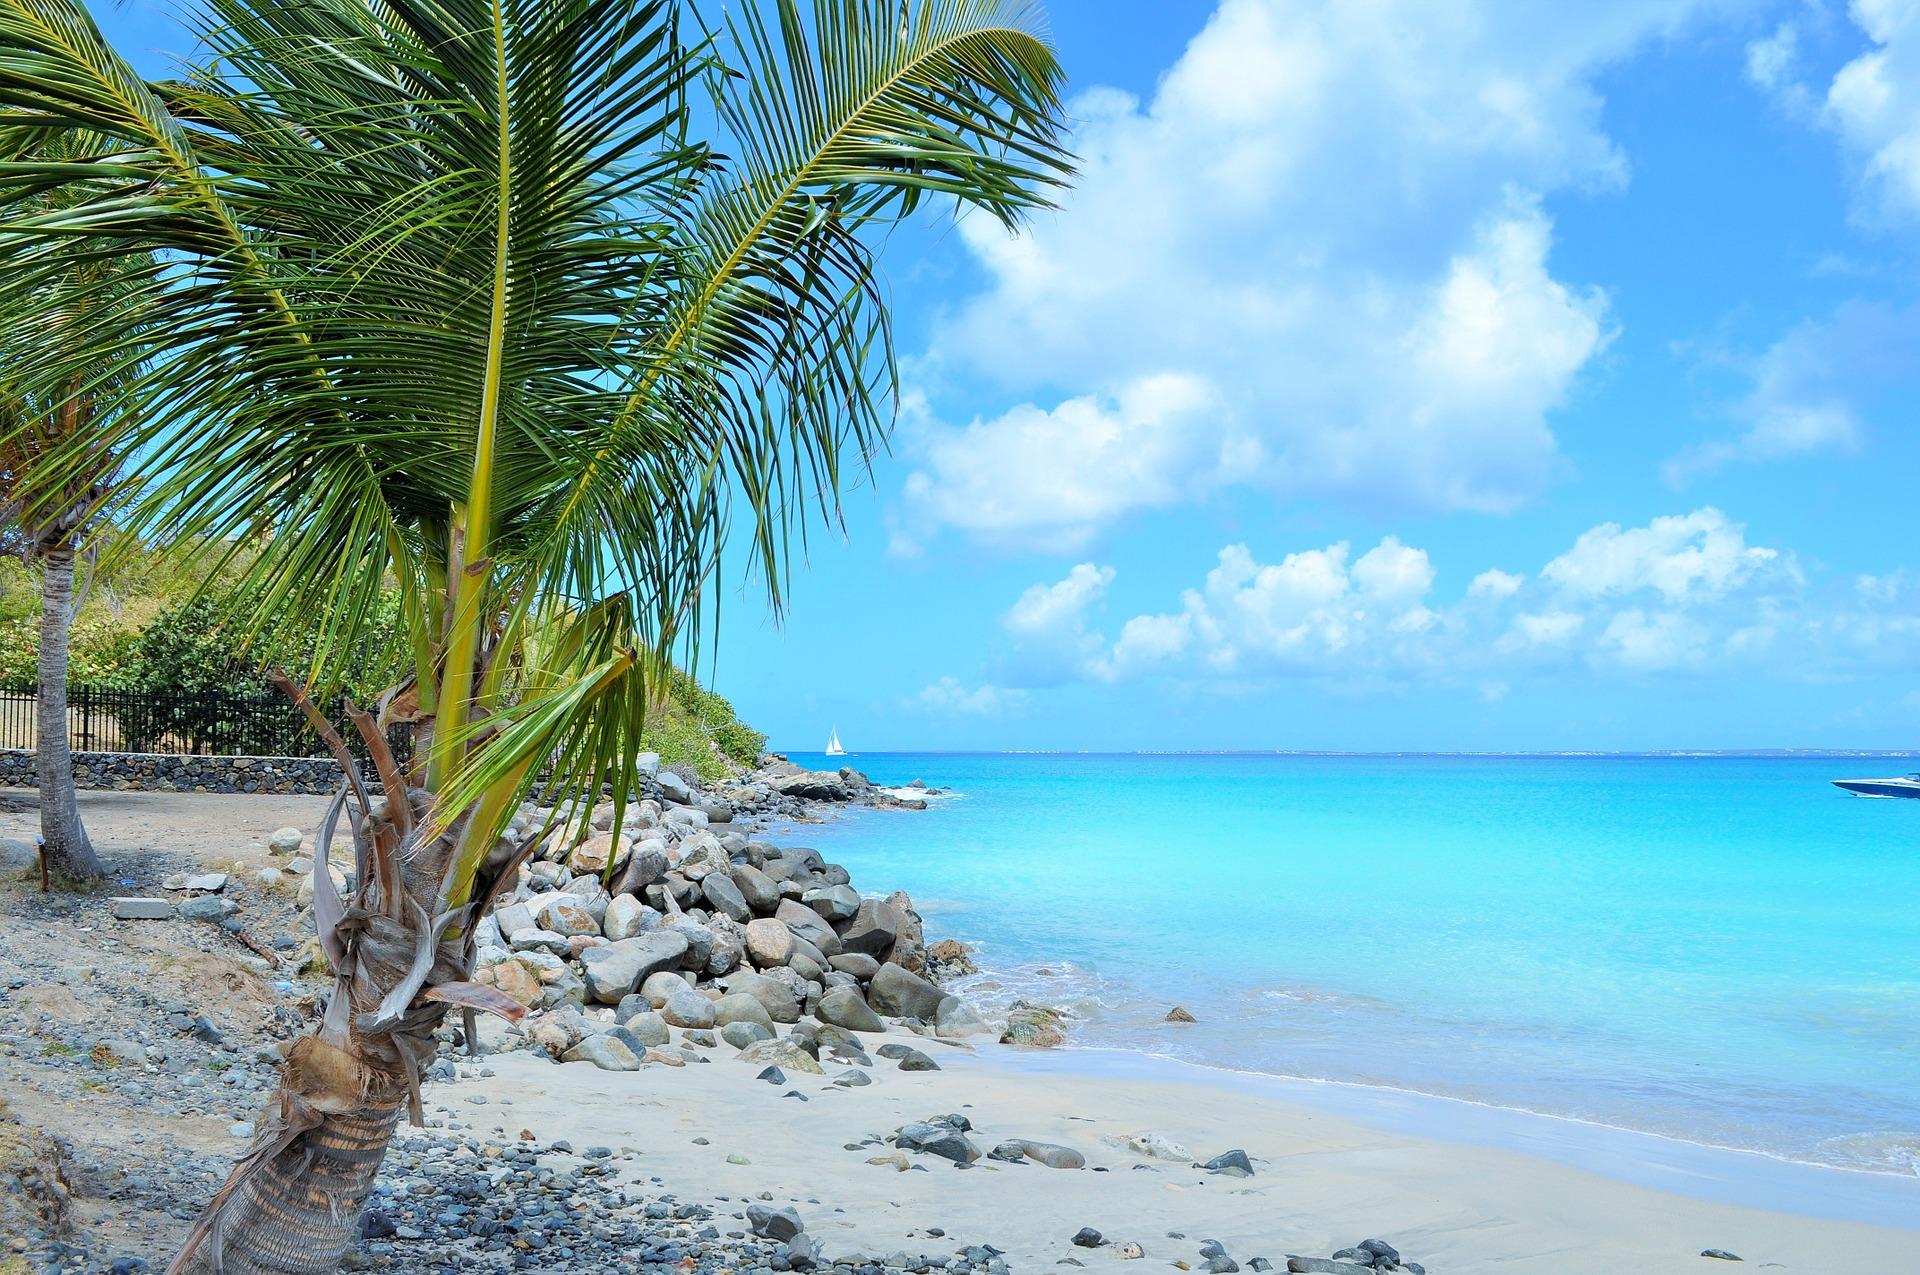 A lazy Sint Maarten beach